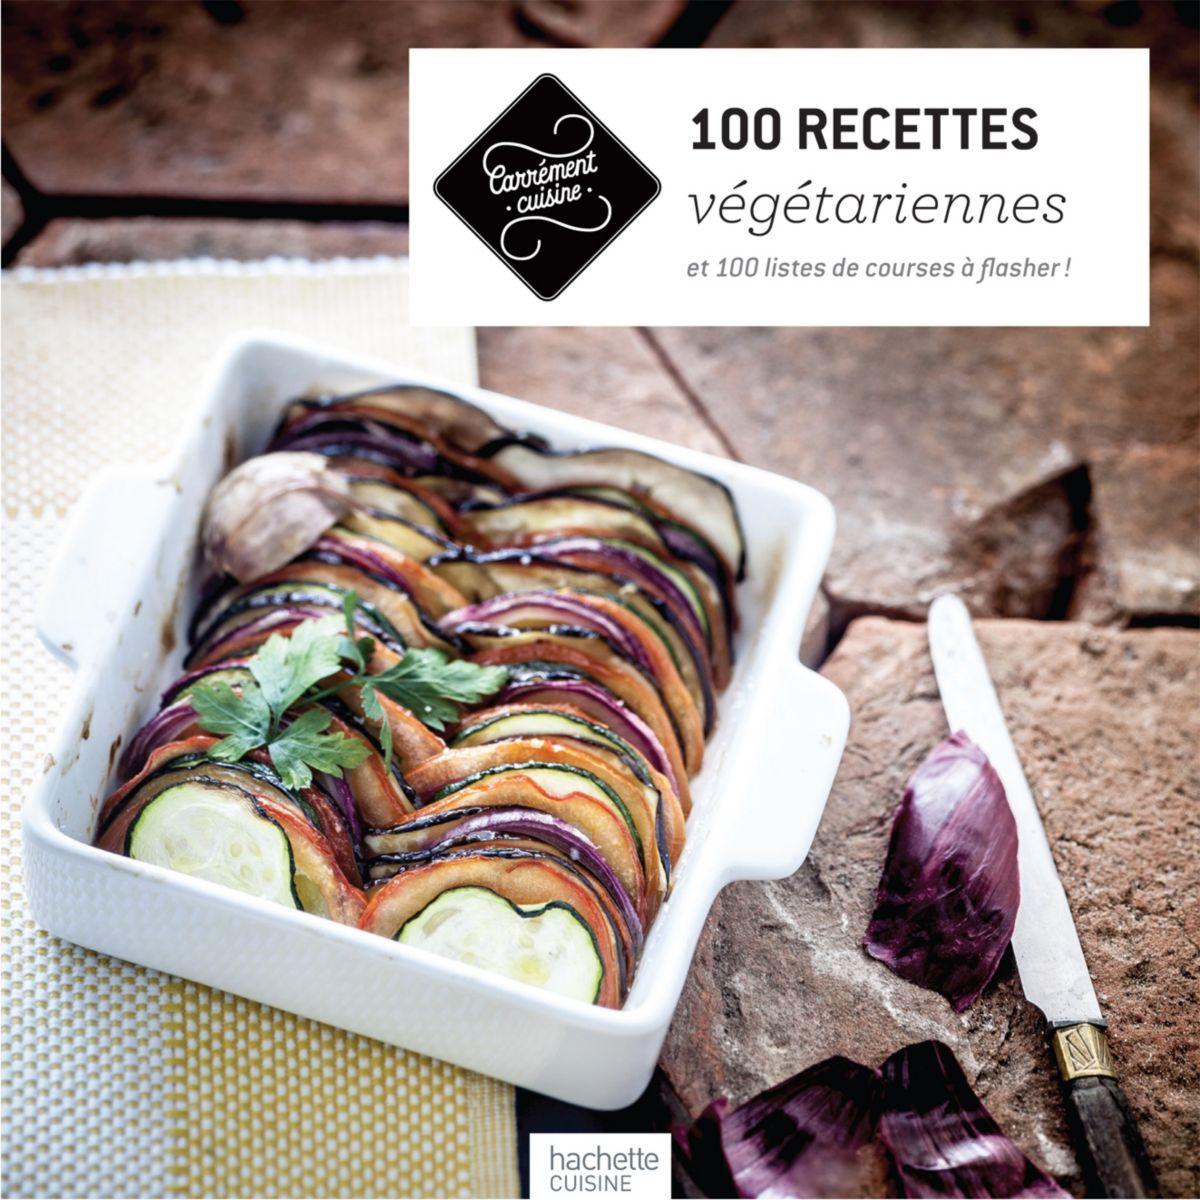 Livre hachette 100 recettes végétarienne - la sélection webdistrib.com (photo)